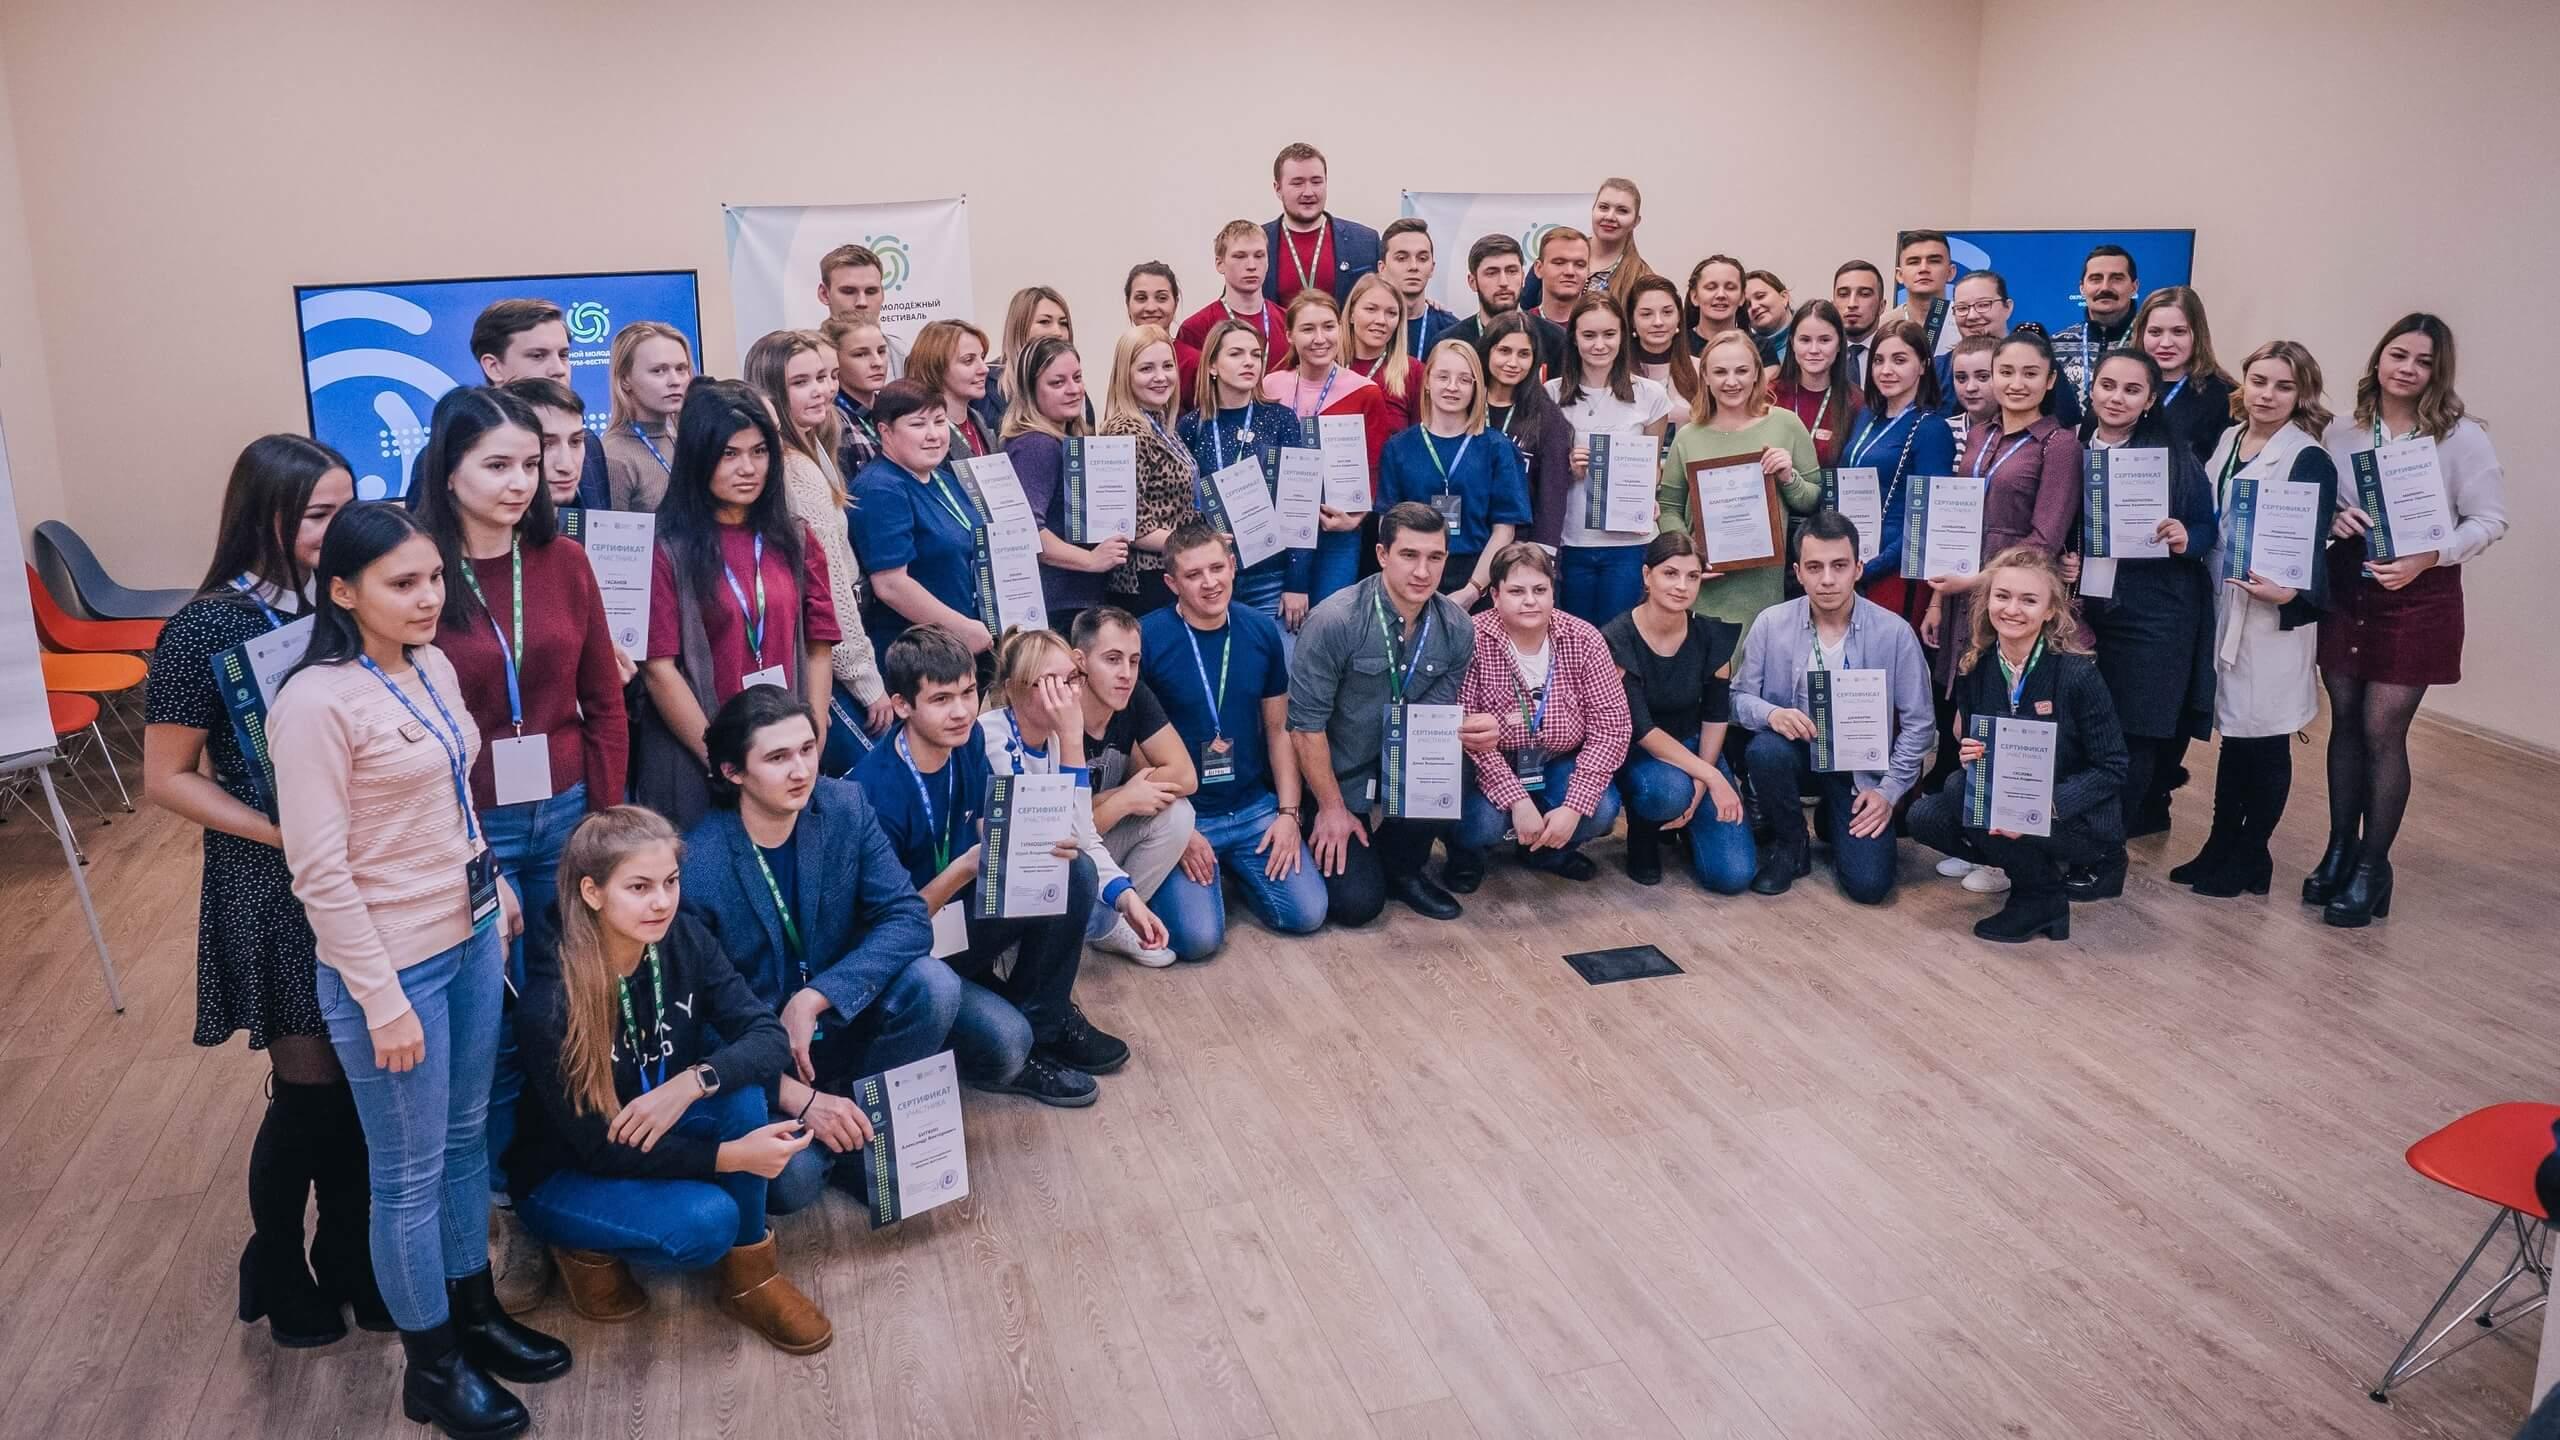 Завершился окружной молодежный форум-фестиваль в Югре